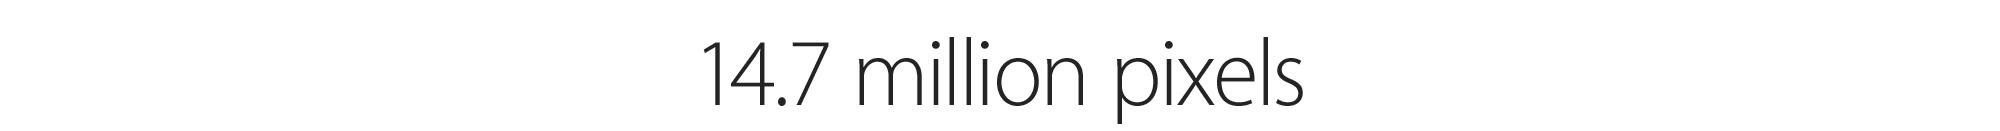 14.7 million pixels